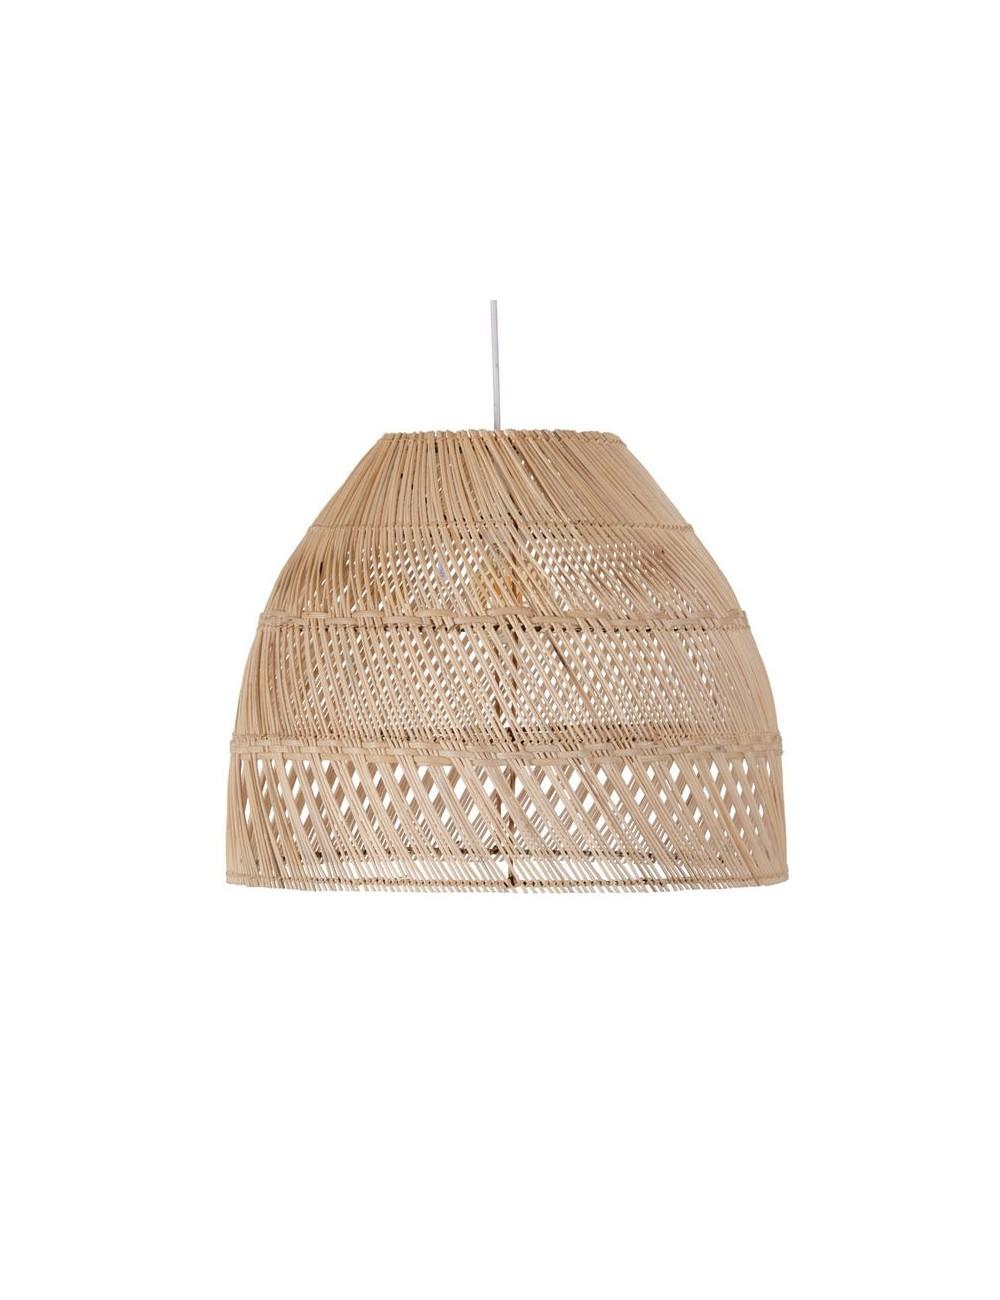 Lámpara de Techo en Bambú Natural